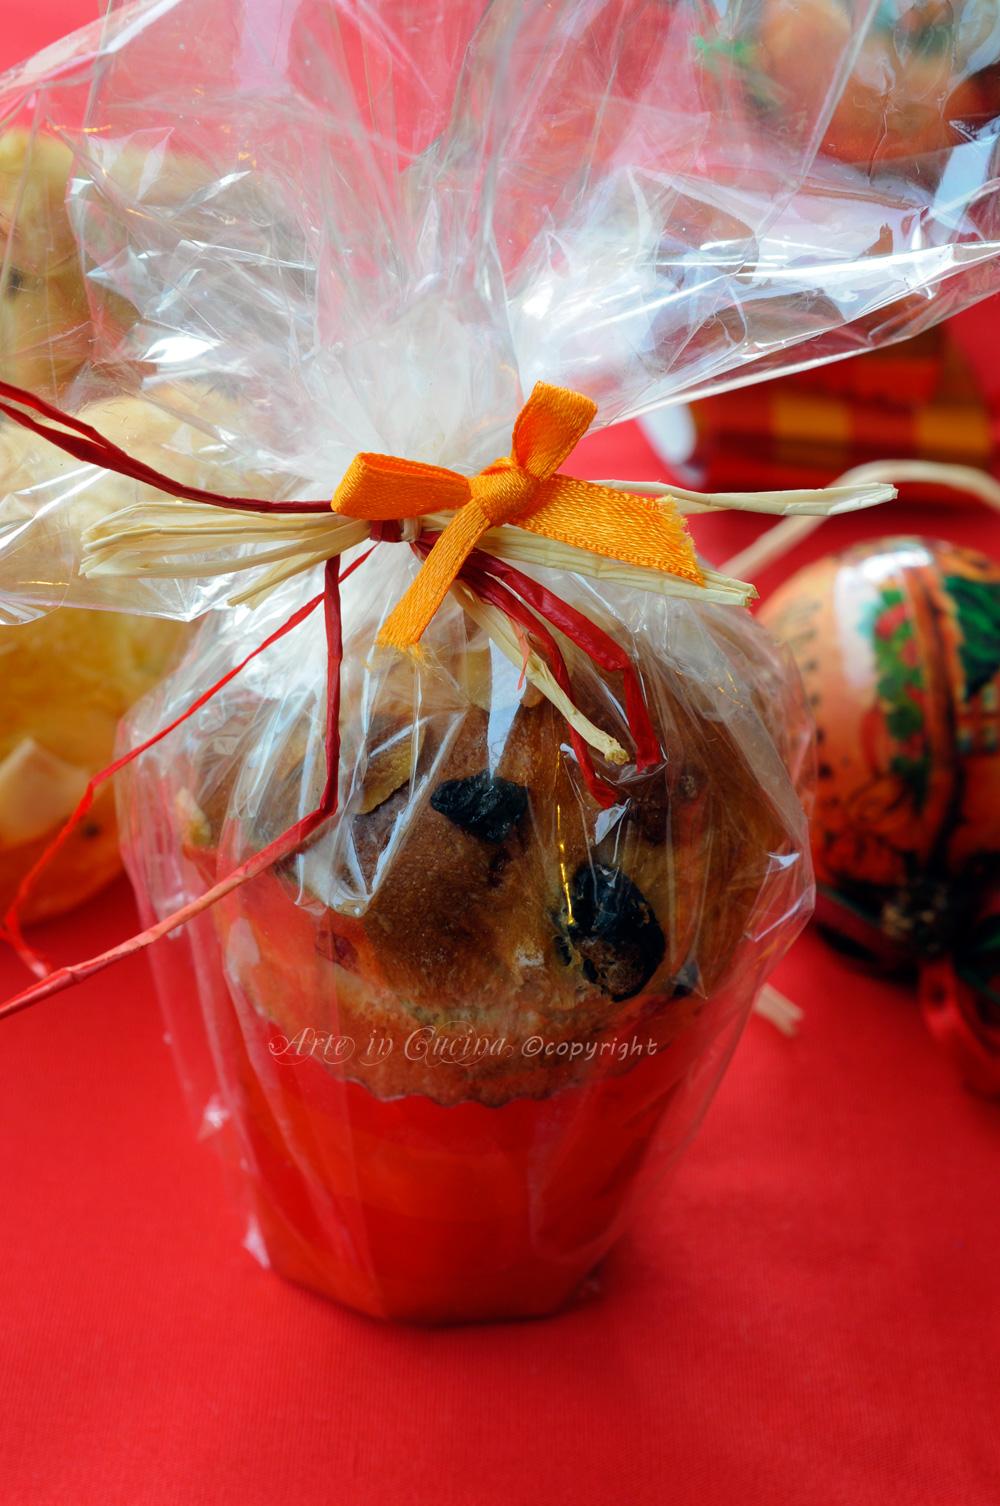 Panettoncini da regalare per Natale idea facile | Arte in Cucina